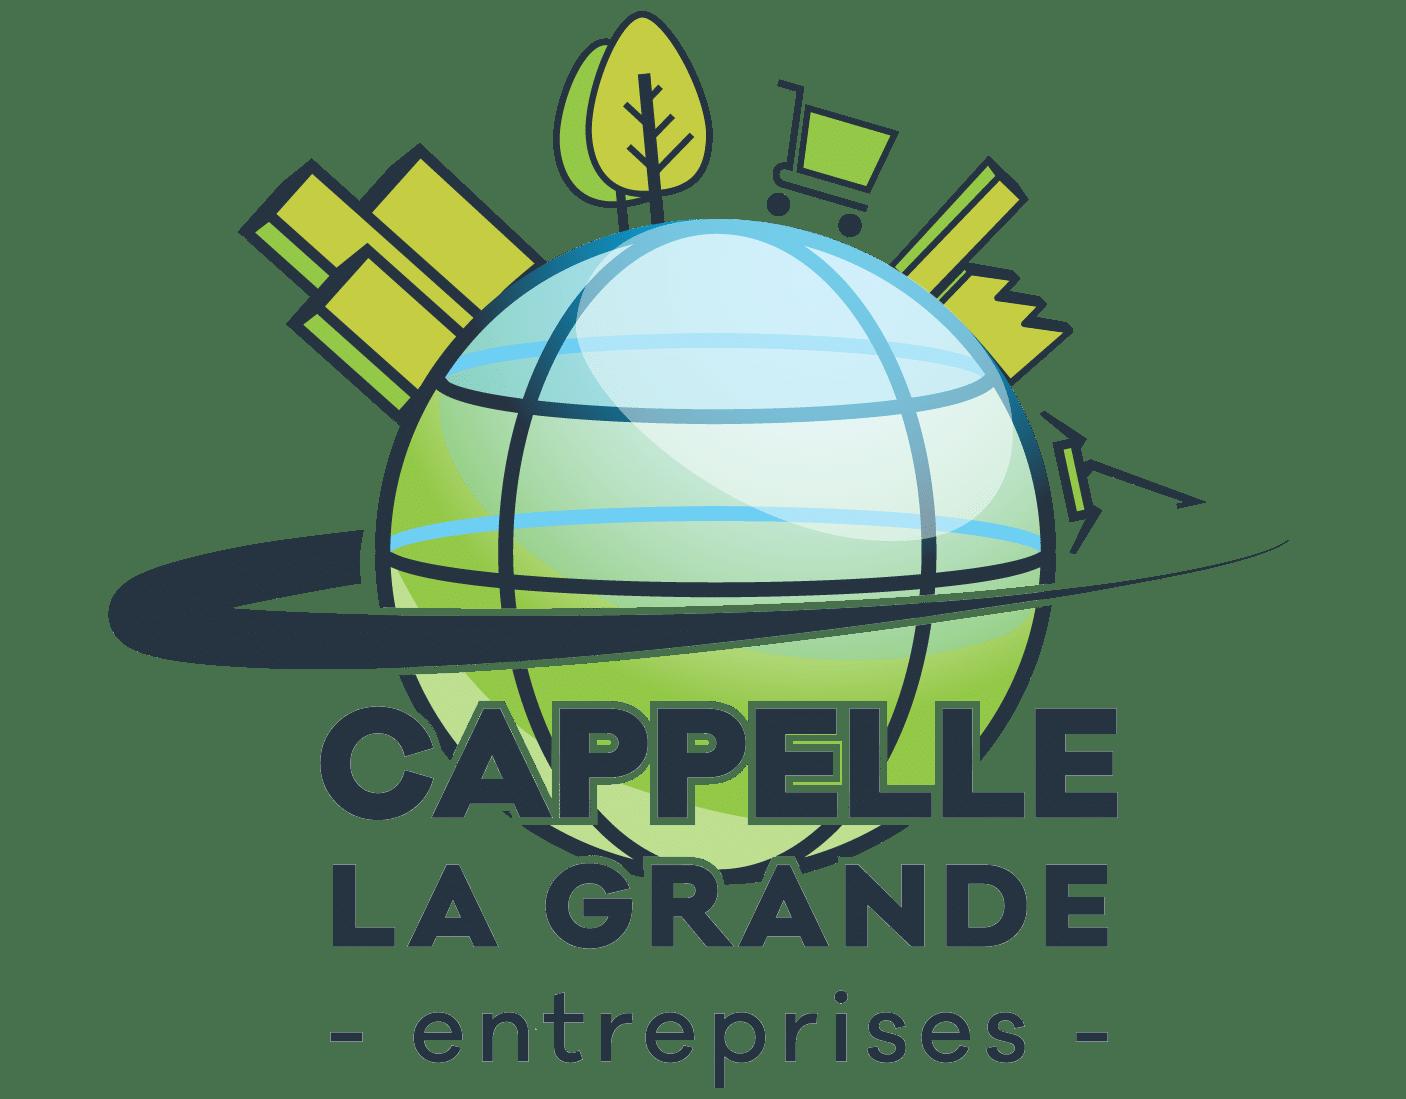 Cappelle La Grande Entreprises